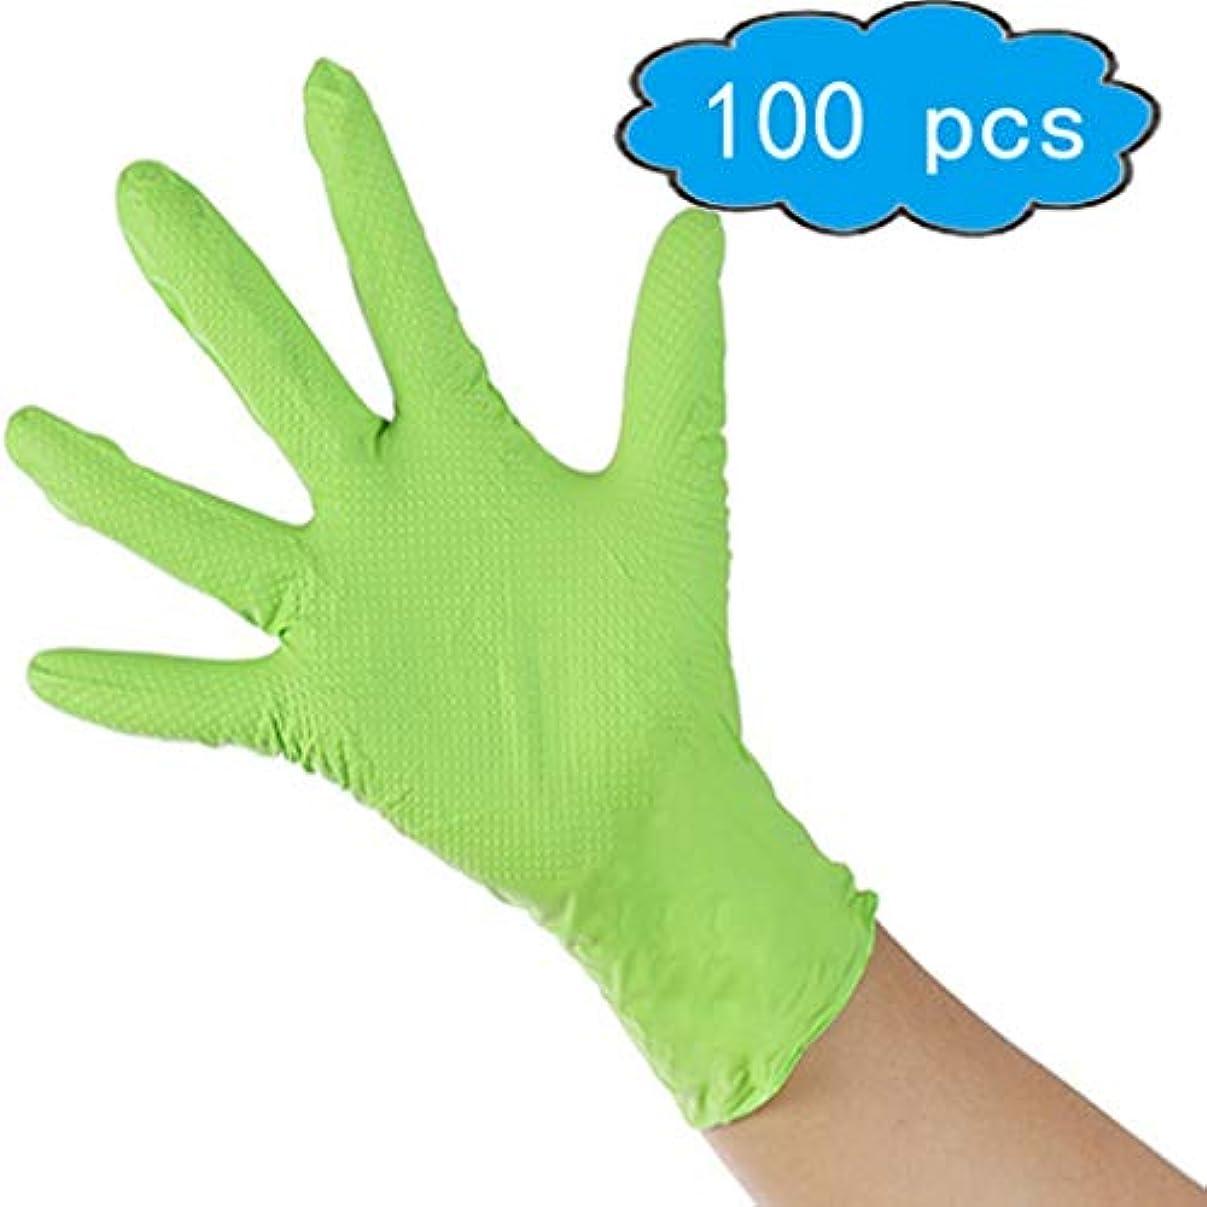 人種決定的オーチャード使い捨てゴム手袋-5ミル、工業用、極厚、パウダーフリー、両手利き、オレンジ、ミディアム、100個入りの箱、滑り止めの掌紋、耐摩耗性と耐久性のある機械式ハードウェアゴム手袋 (Color : Green, Size : L)